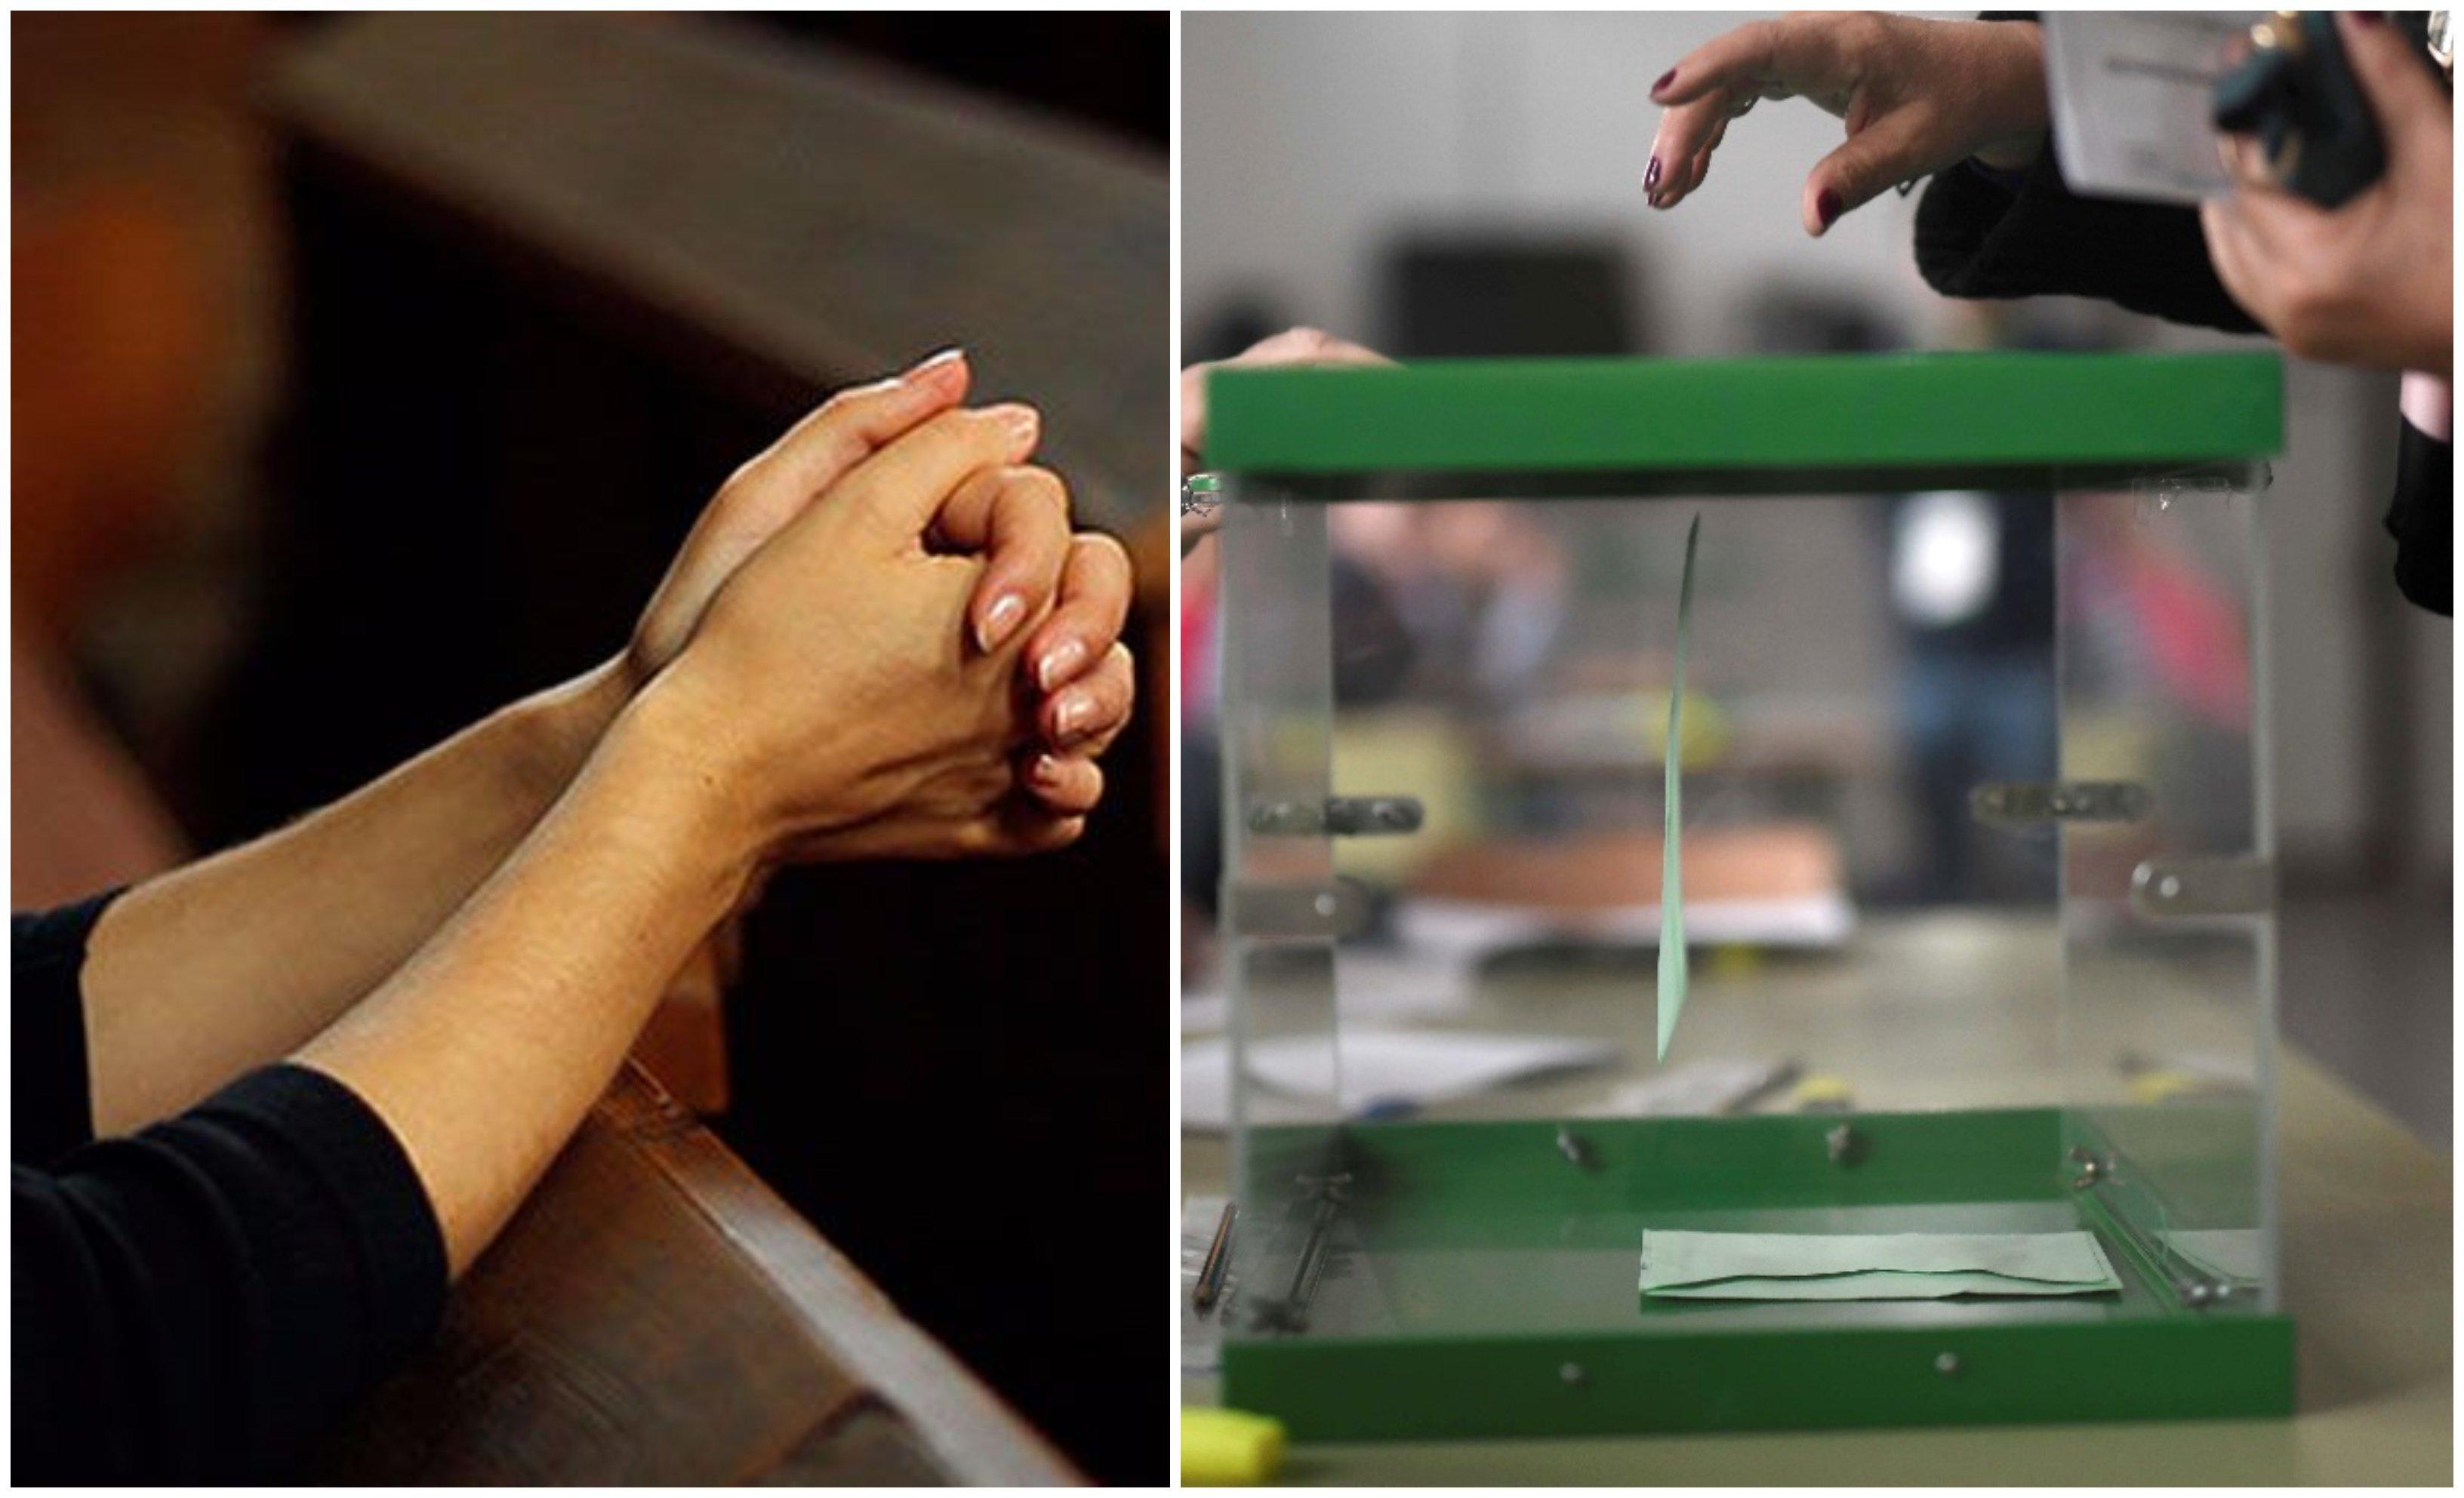 Creyentes, la fe es la capacidad de soportar la duda... hasta la de las votaciones